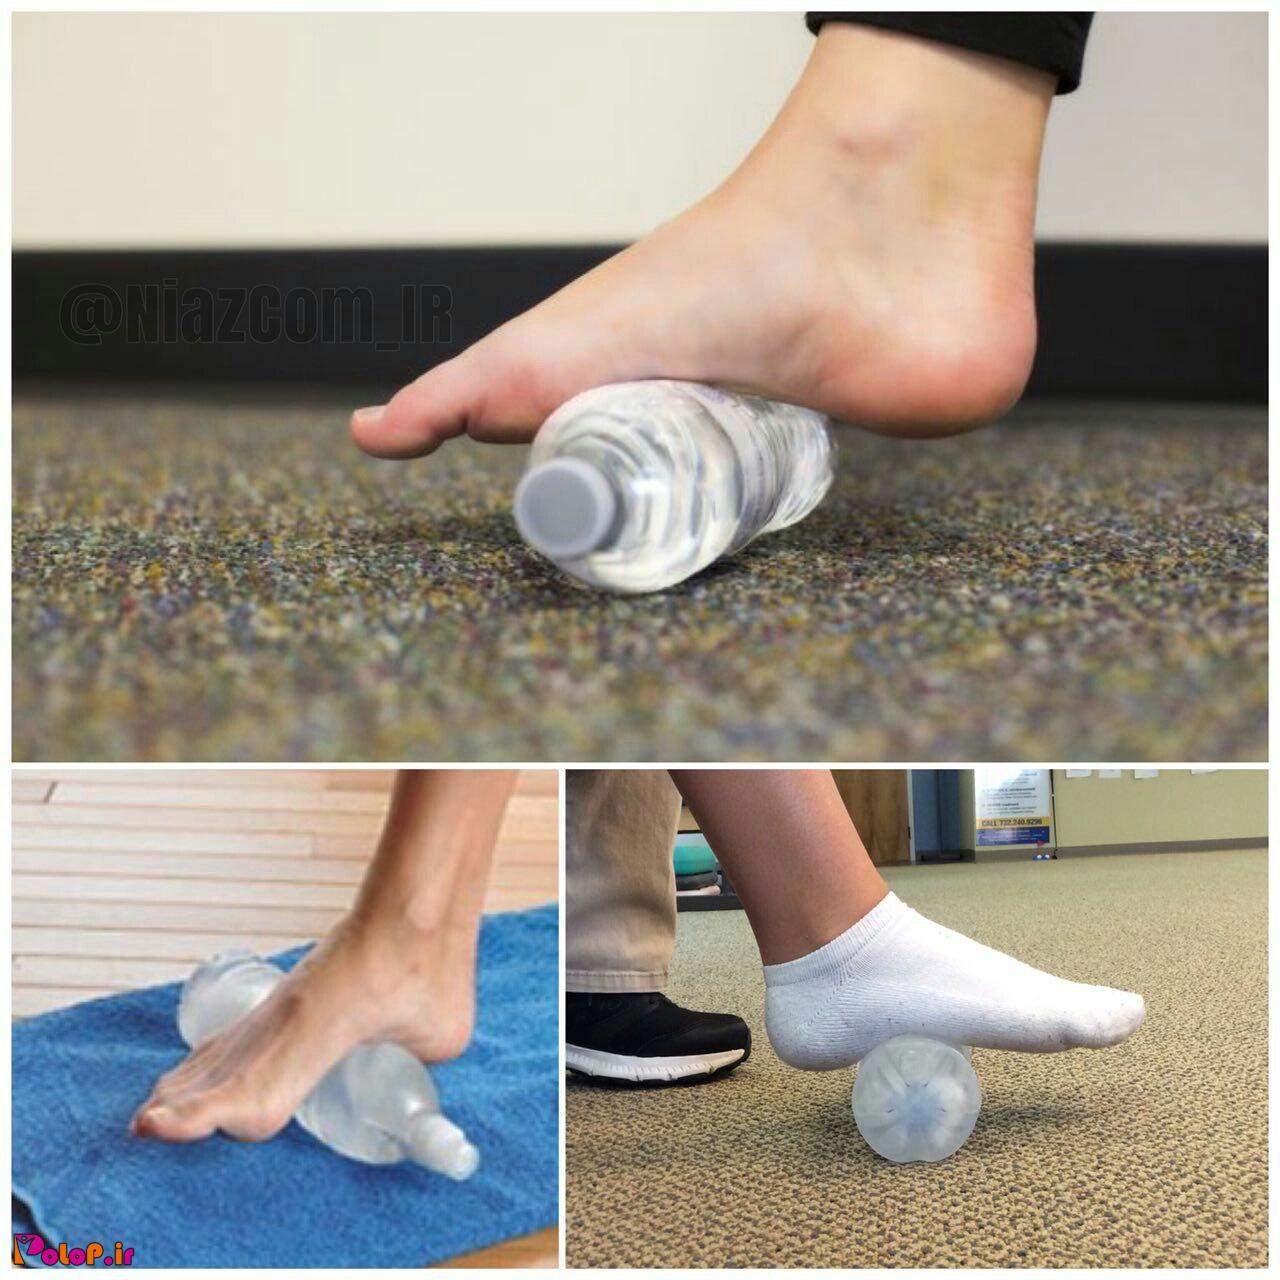 اگر مدت طولانی سرپا بوده یا راه رفته اید و احساس درد میکنید